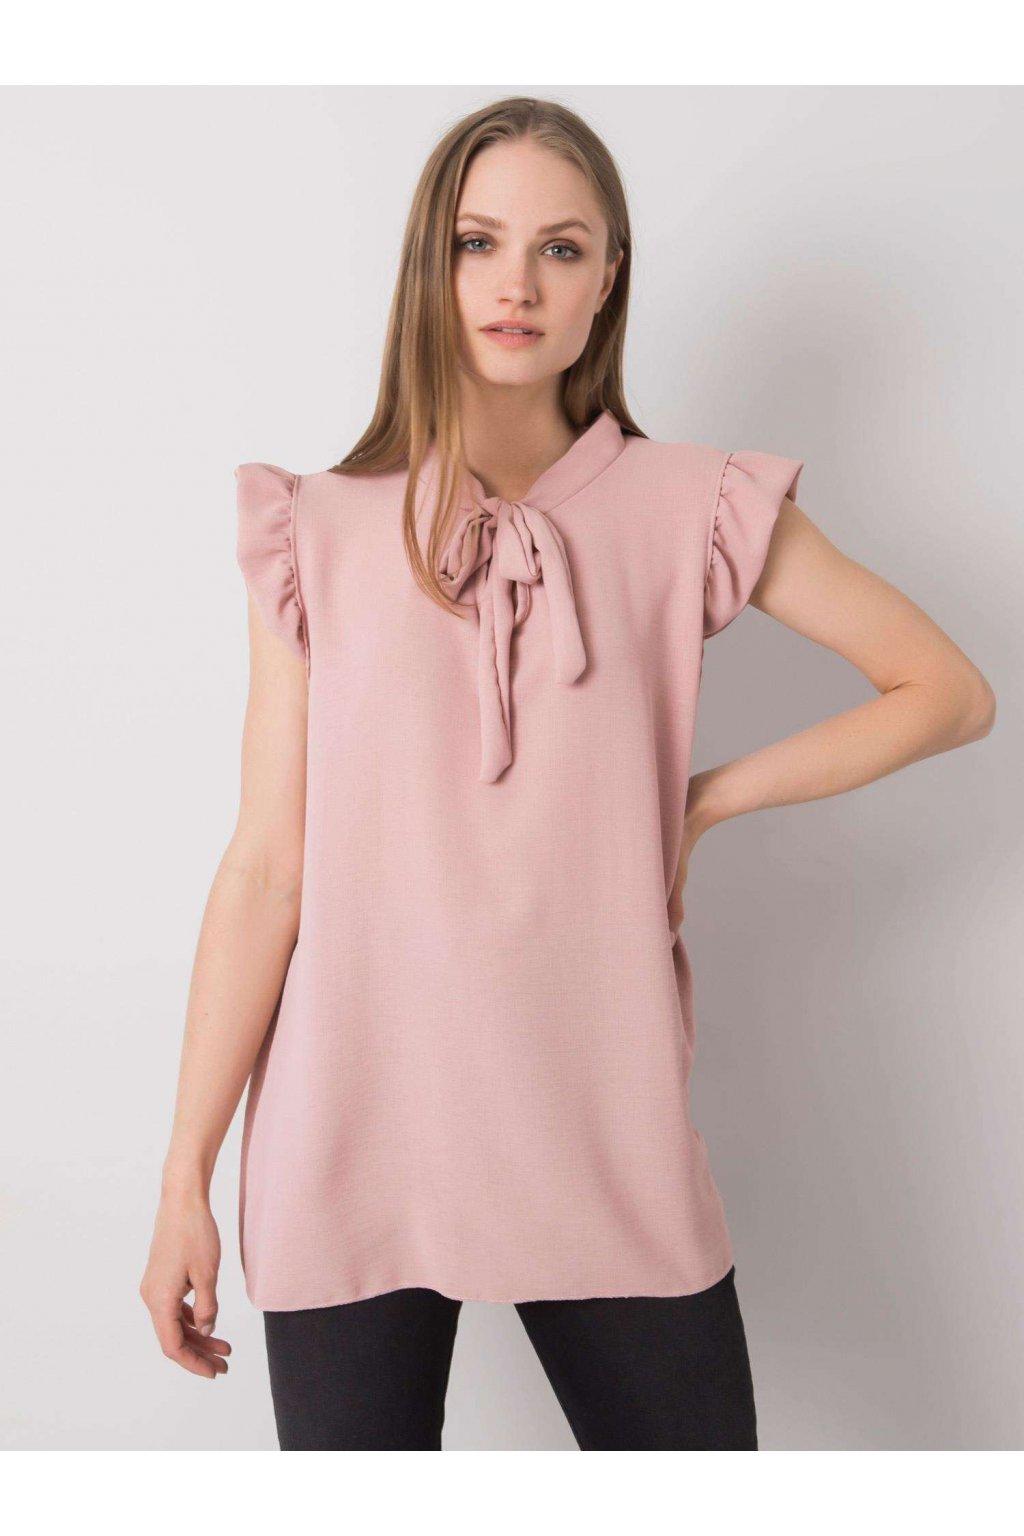 pol pl Brudnorozowa bluzka z wiazaniem Imelda 364609 2